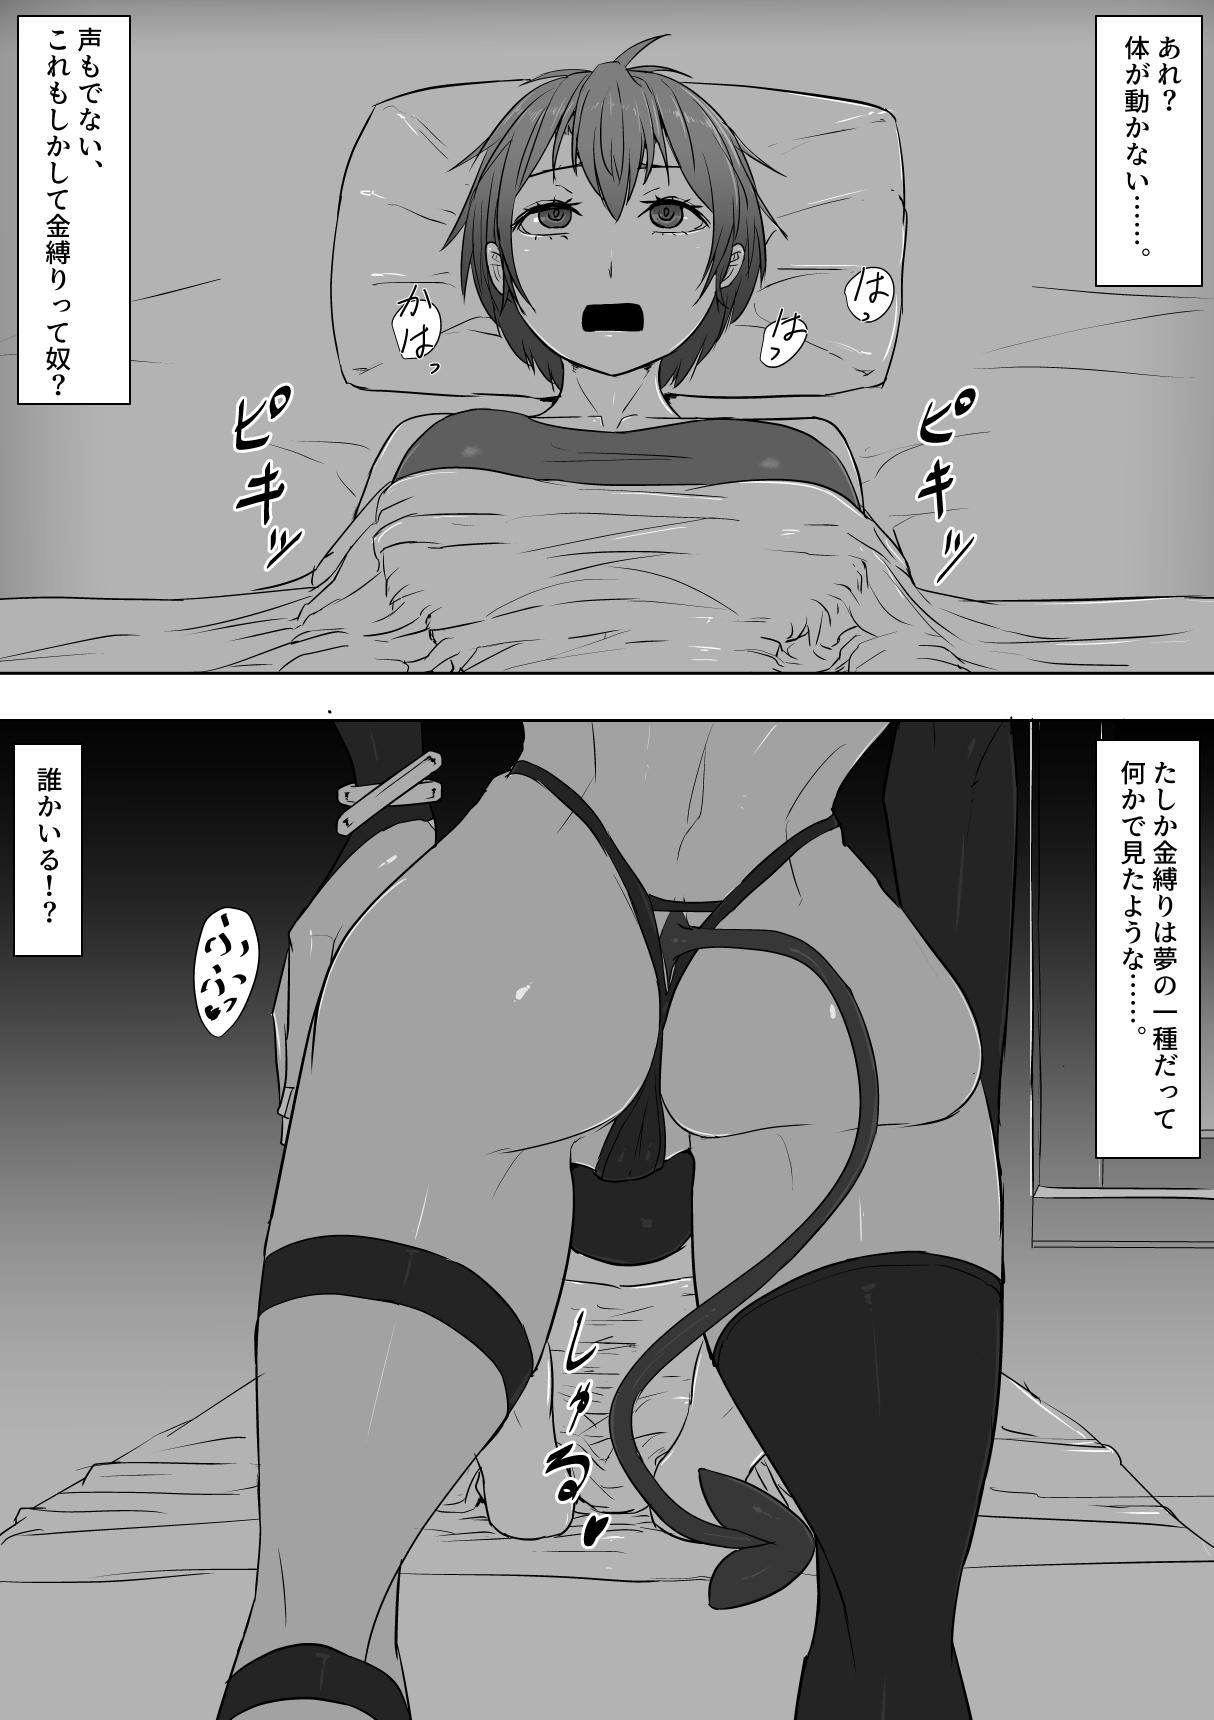 Futanari succubus 1